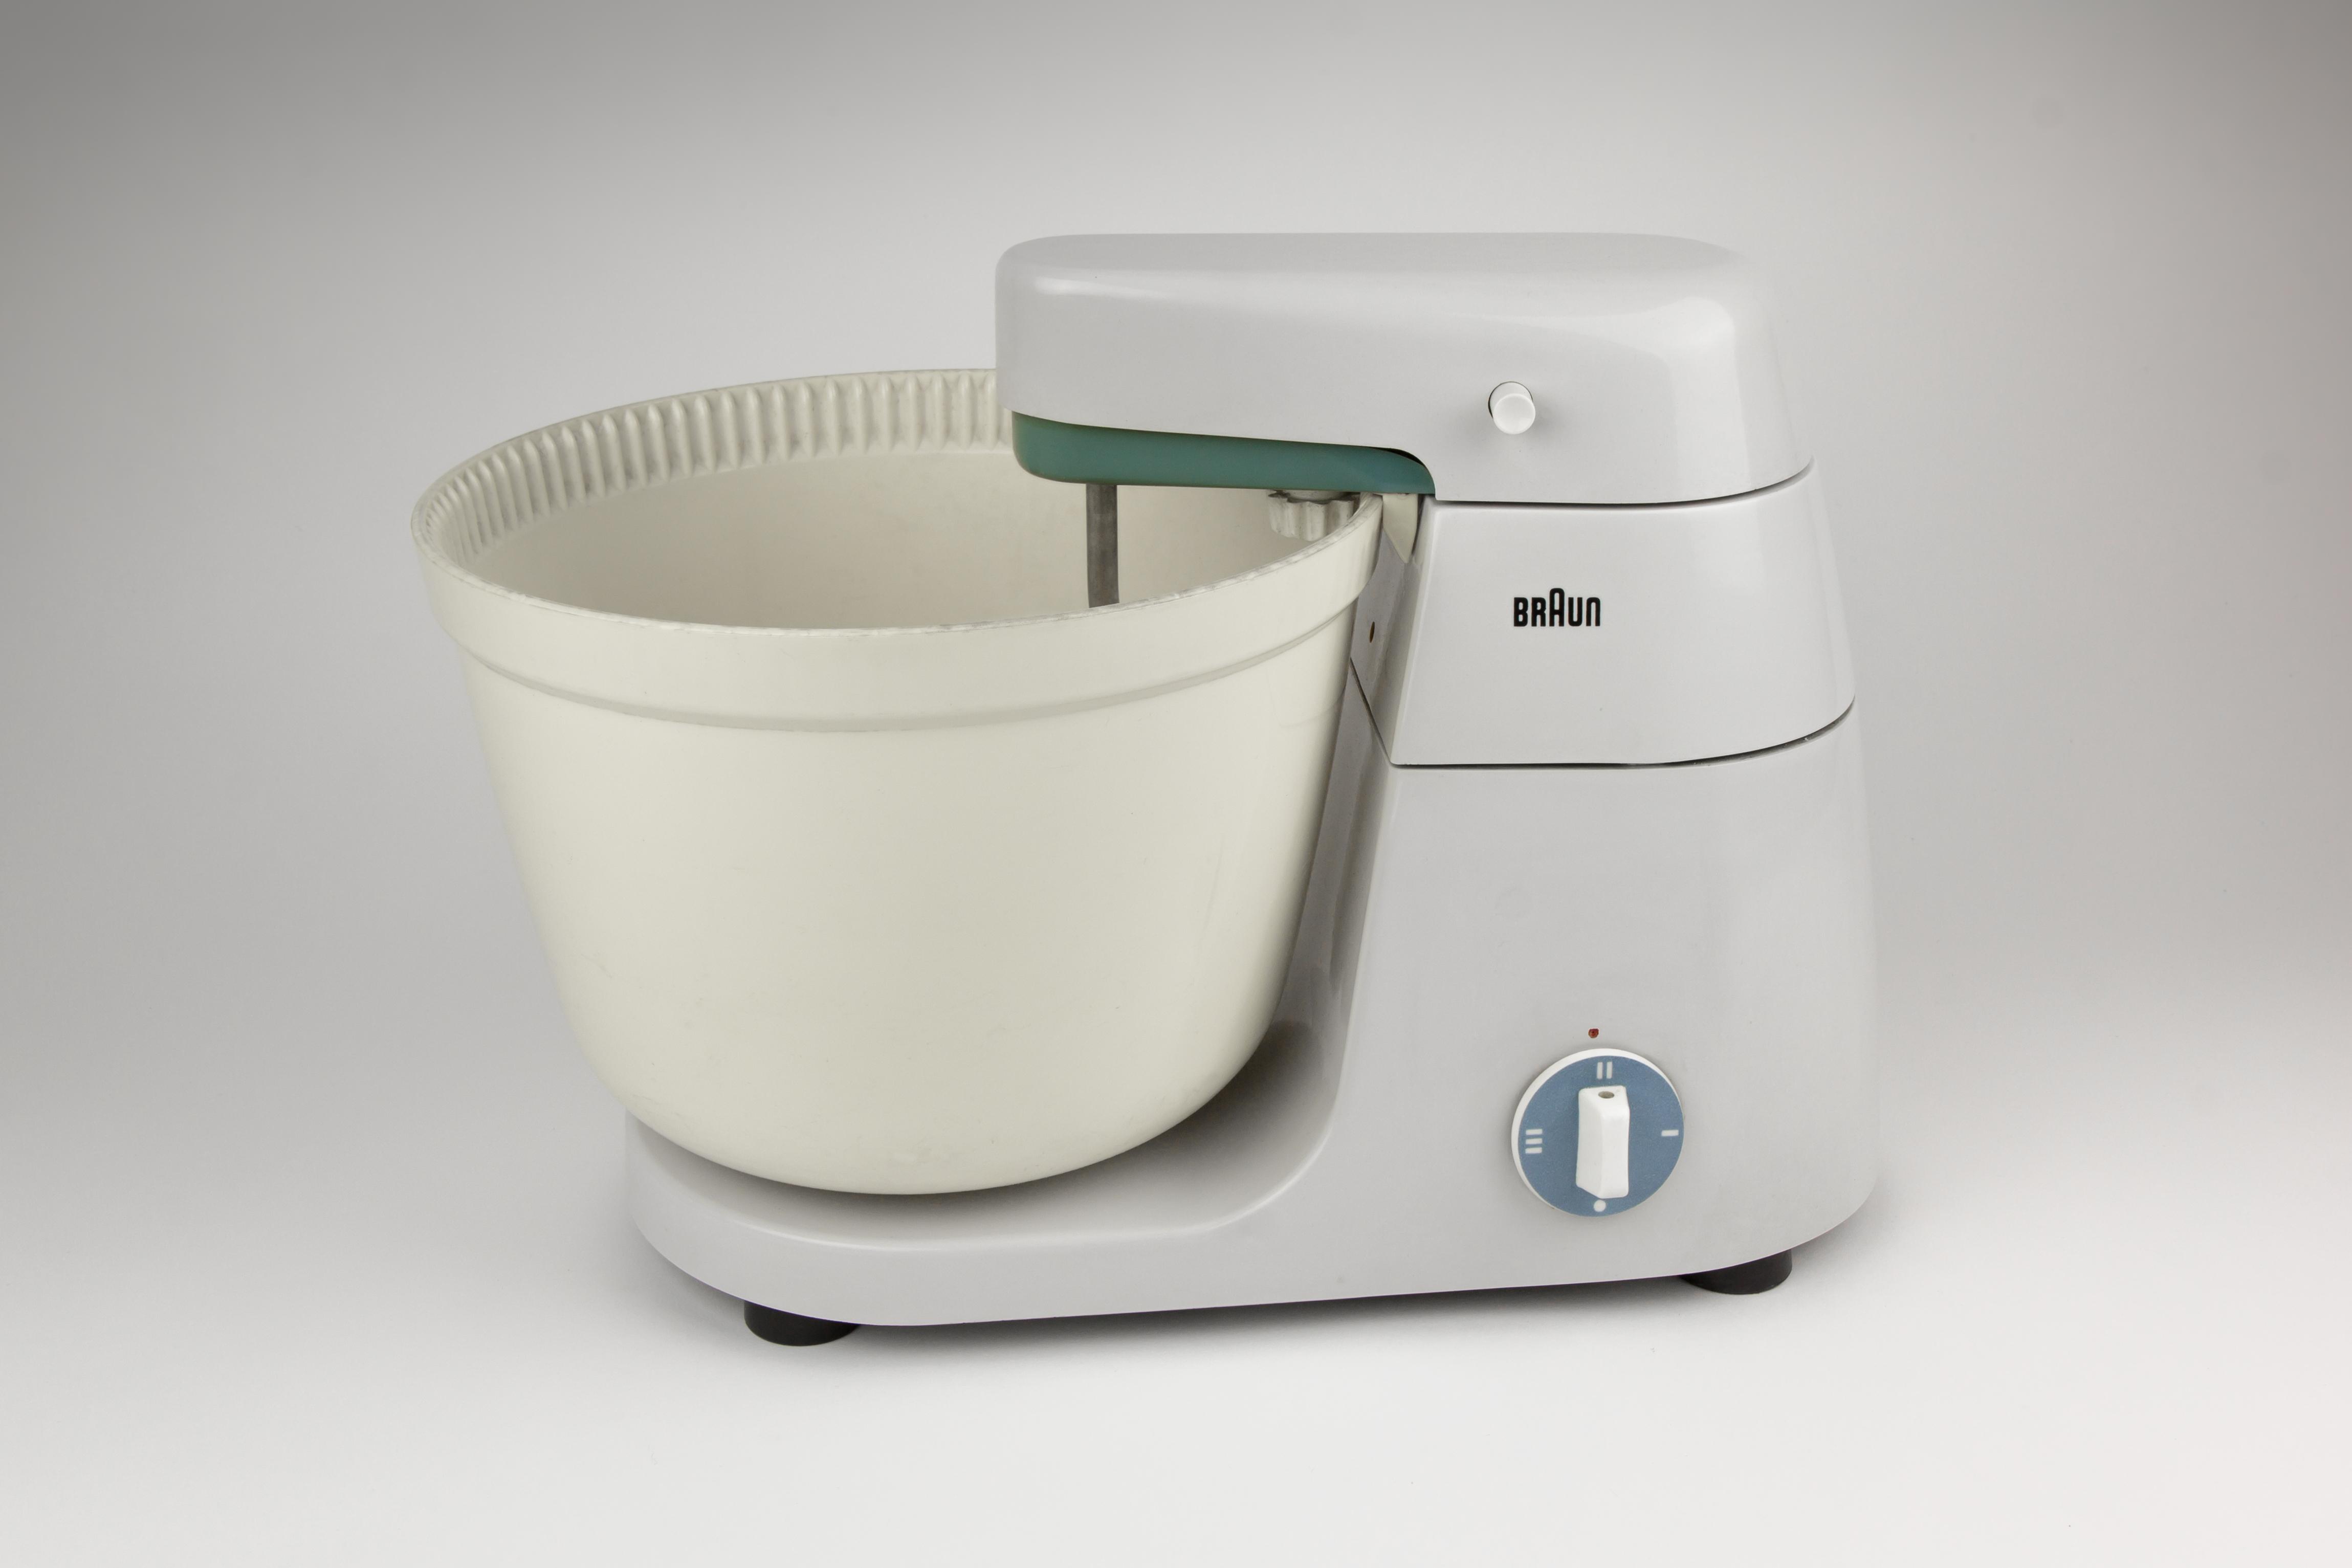 braun küchenmaschine 4209 ersatzteile